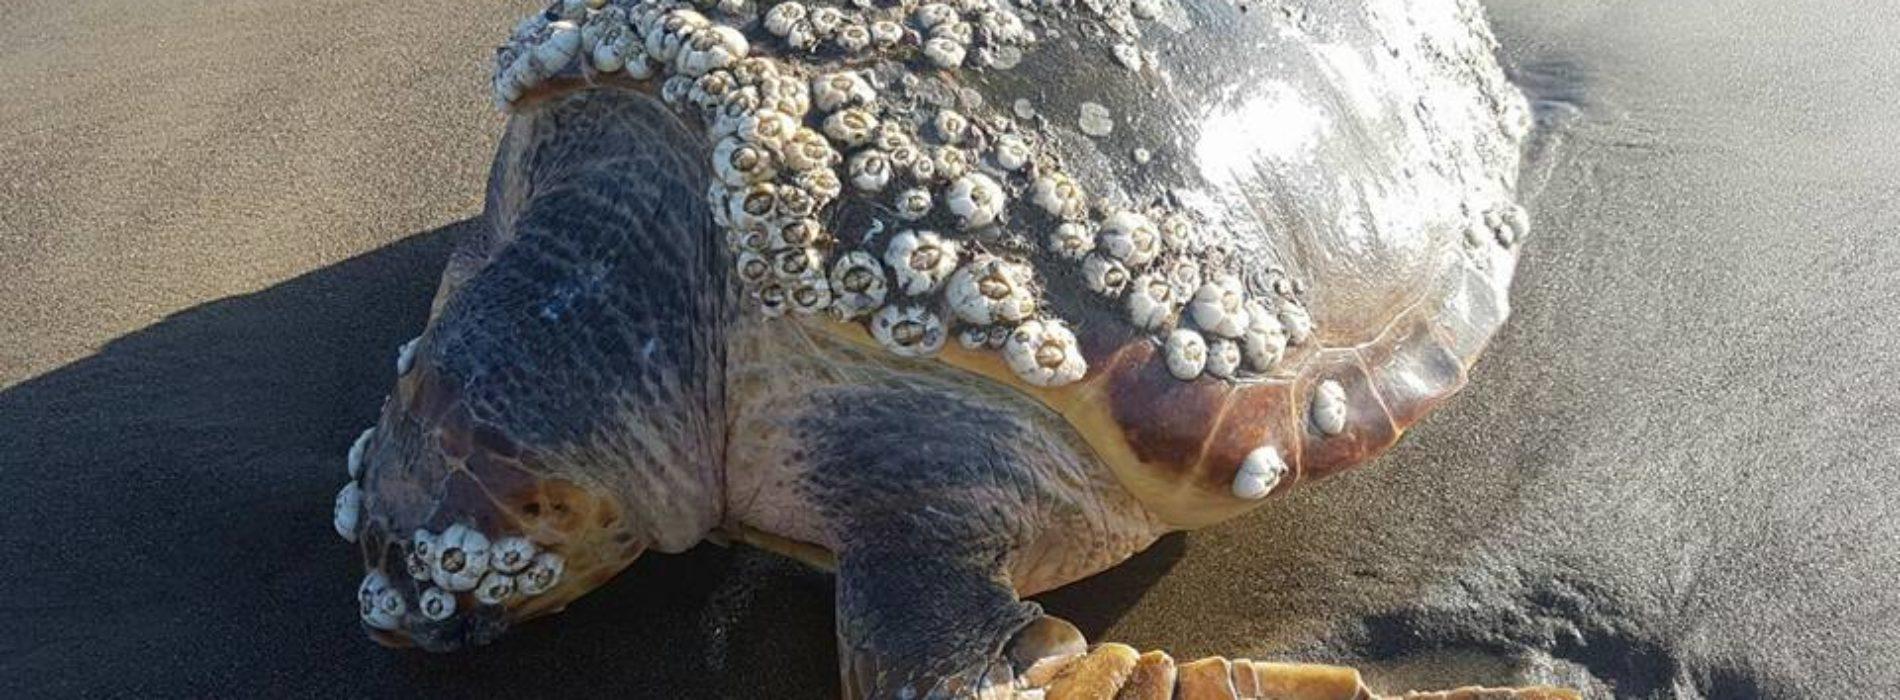 Tartaruga Caretta Caretta morta a Licola. L'SOS: «E' la terza dall'inizio dell'anno» (Cronaca Flegrea)